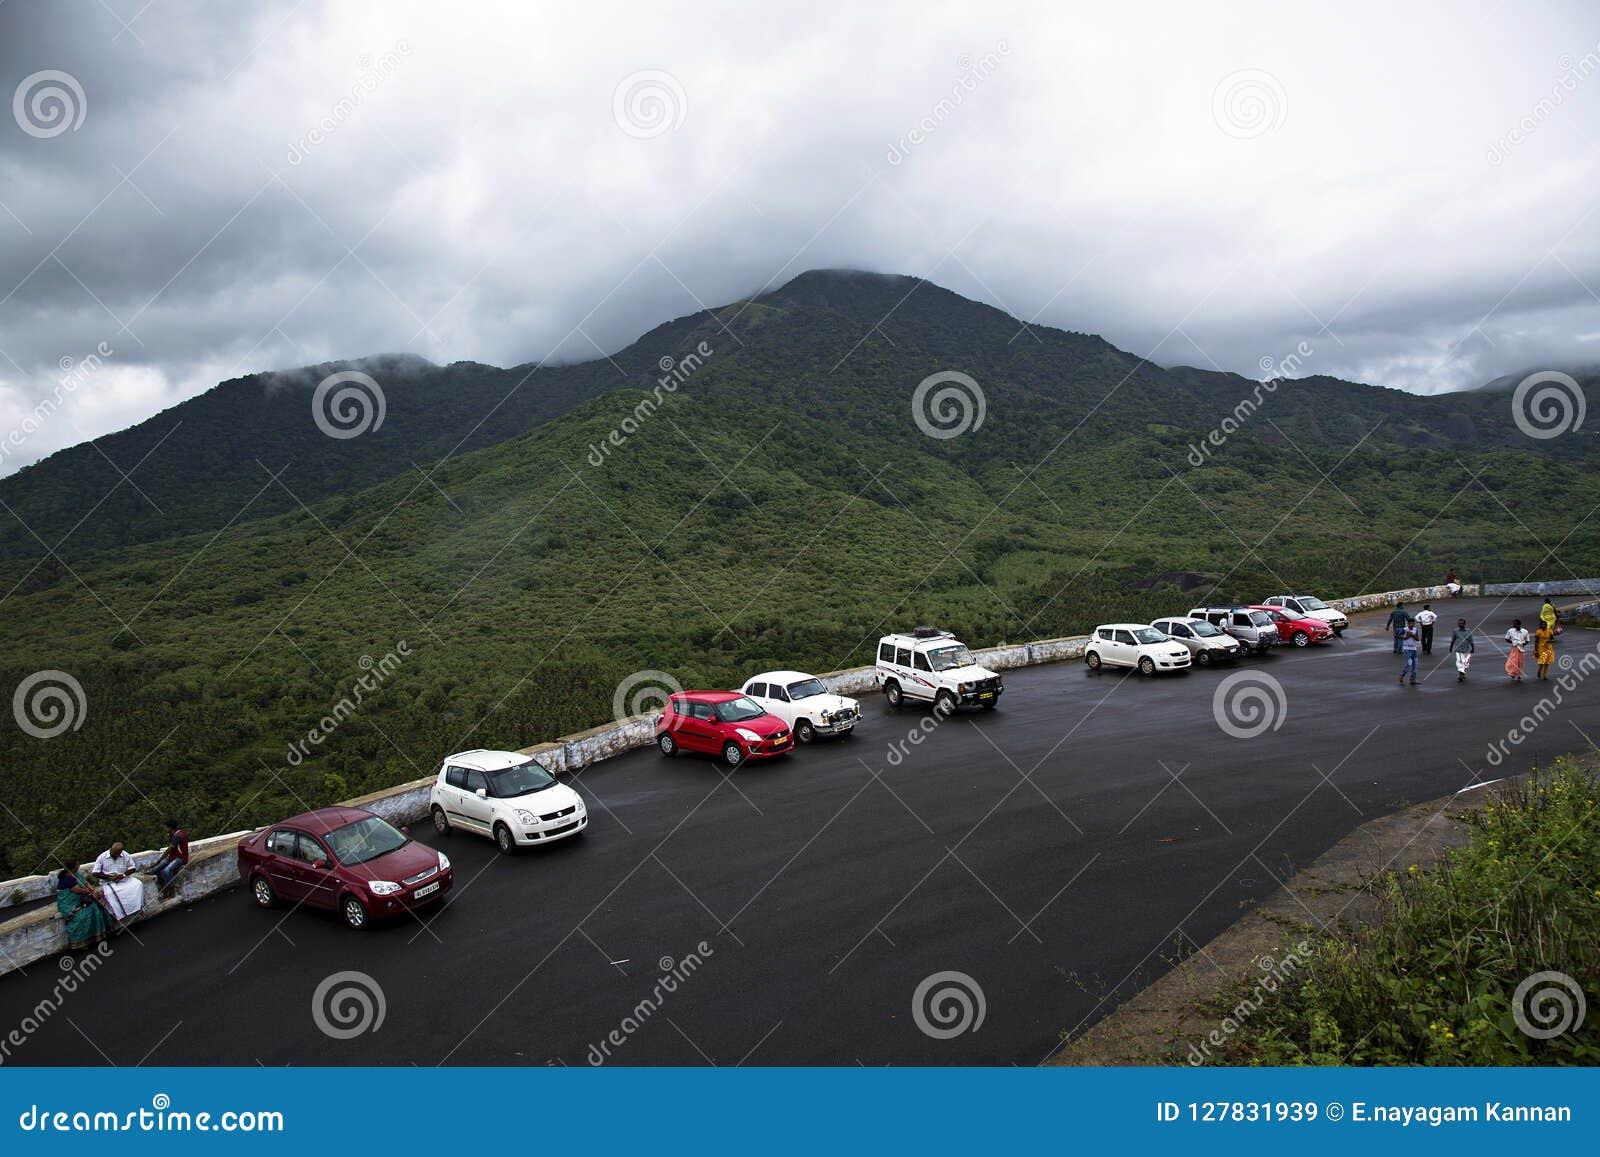 Op een regenachtige dag worden de auto s geparkeerd bij een heuvel stationin een rij